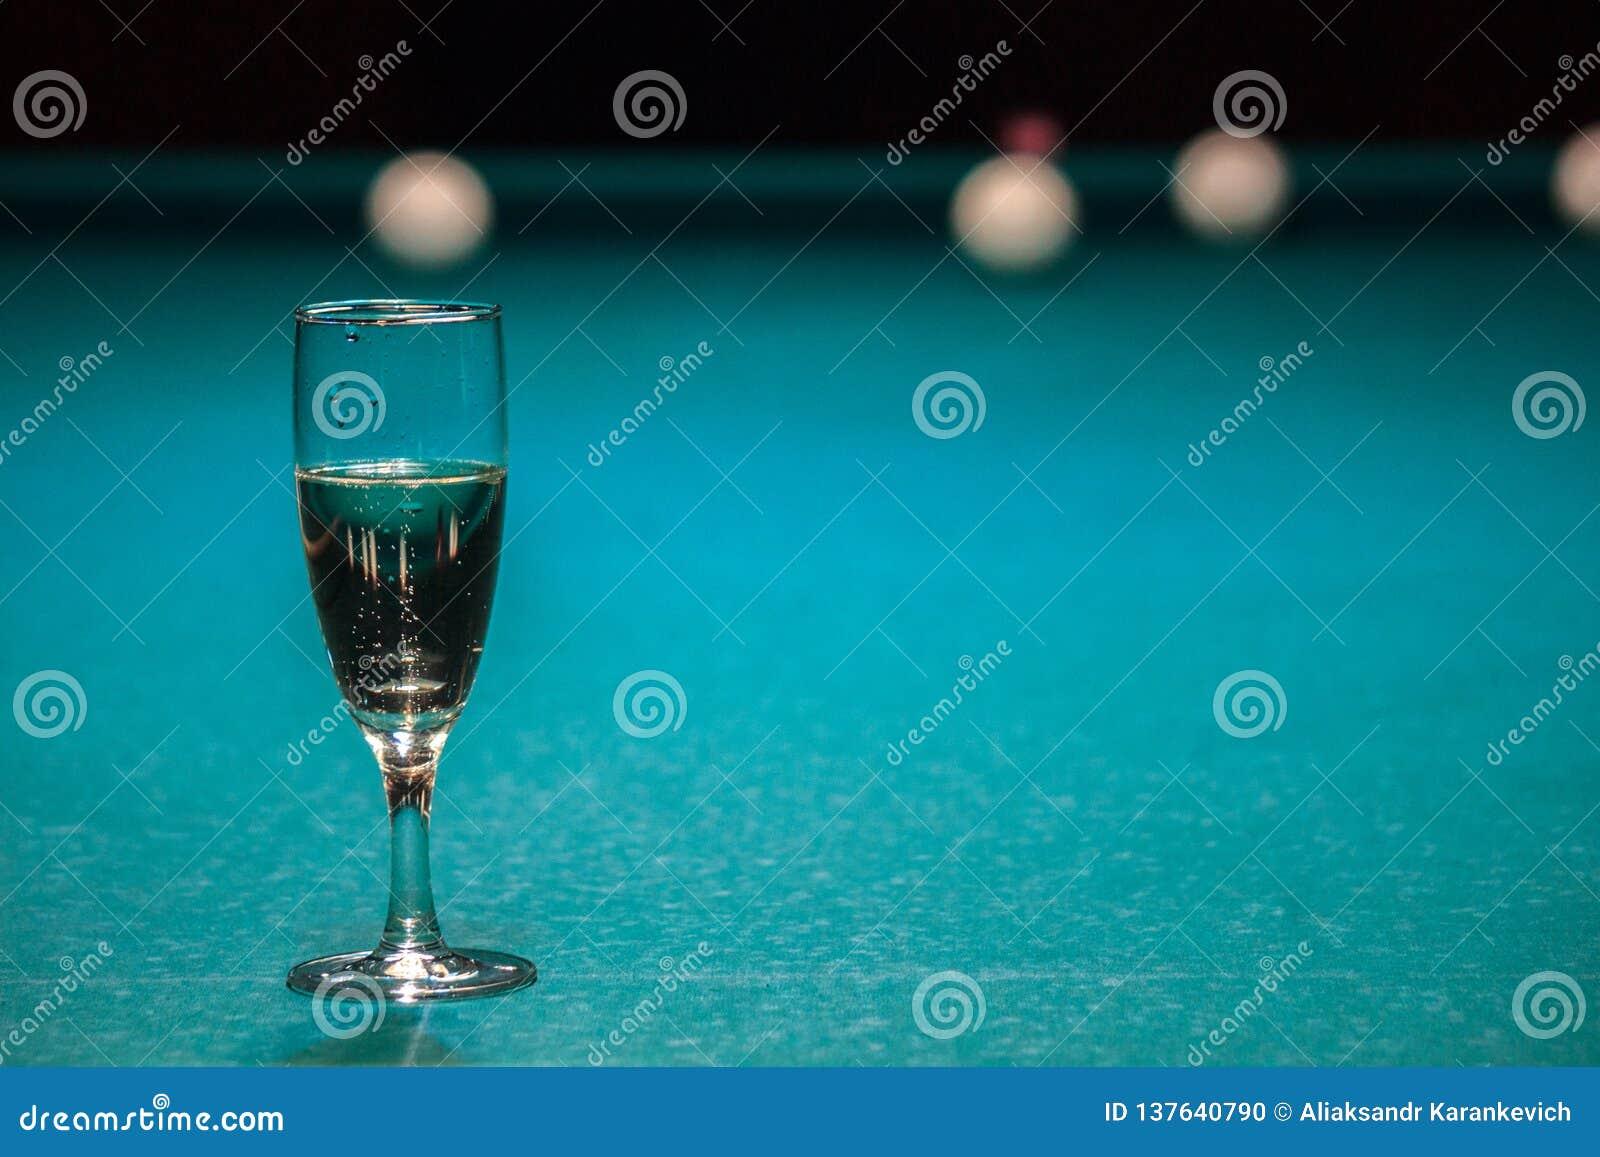 Een glas champagne is op de poollijst de winnaar van het spel, de kampioen drinkt een glas mousserende wijn Hobbys, sporten